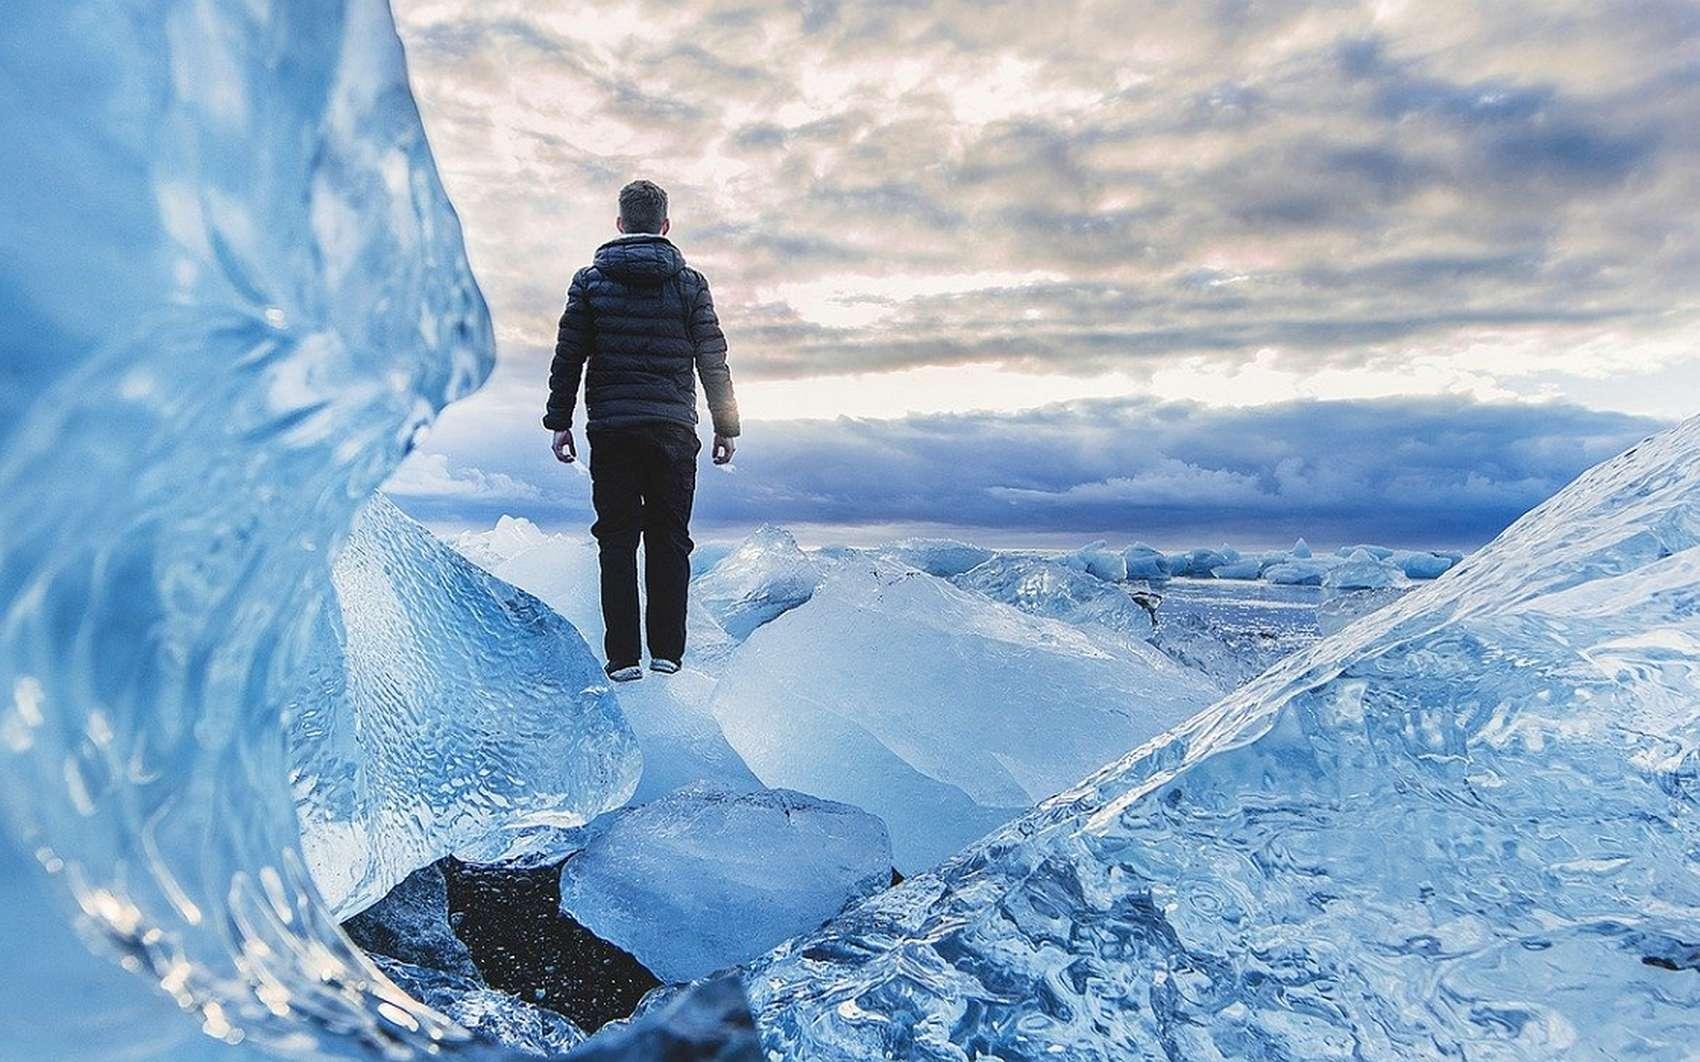 L'étude des glaciers est essentielle pour comprendre notre climat. © LuisValiente, Pixabay